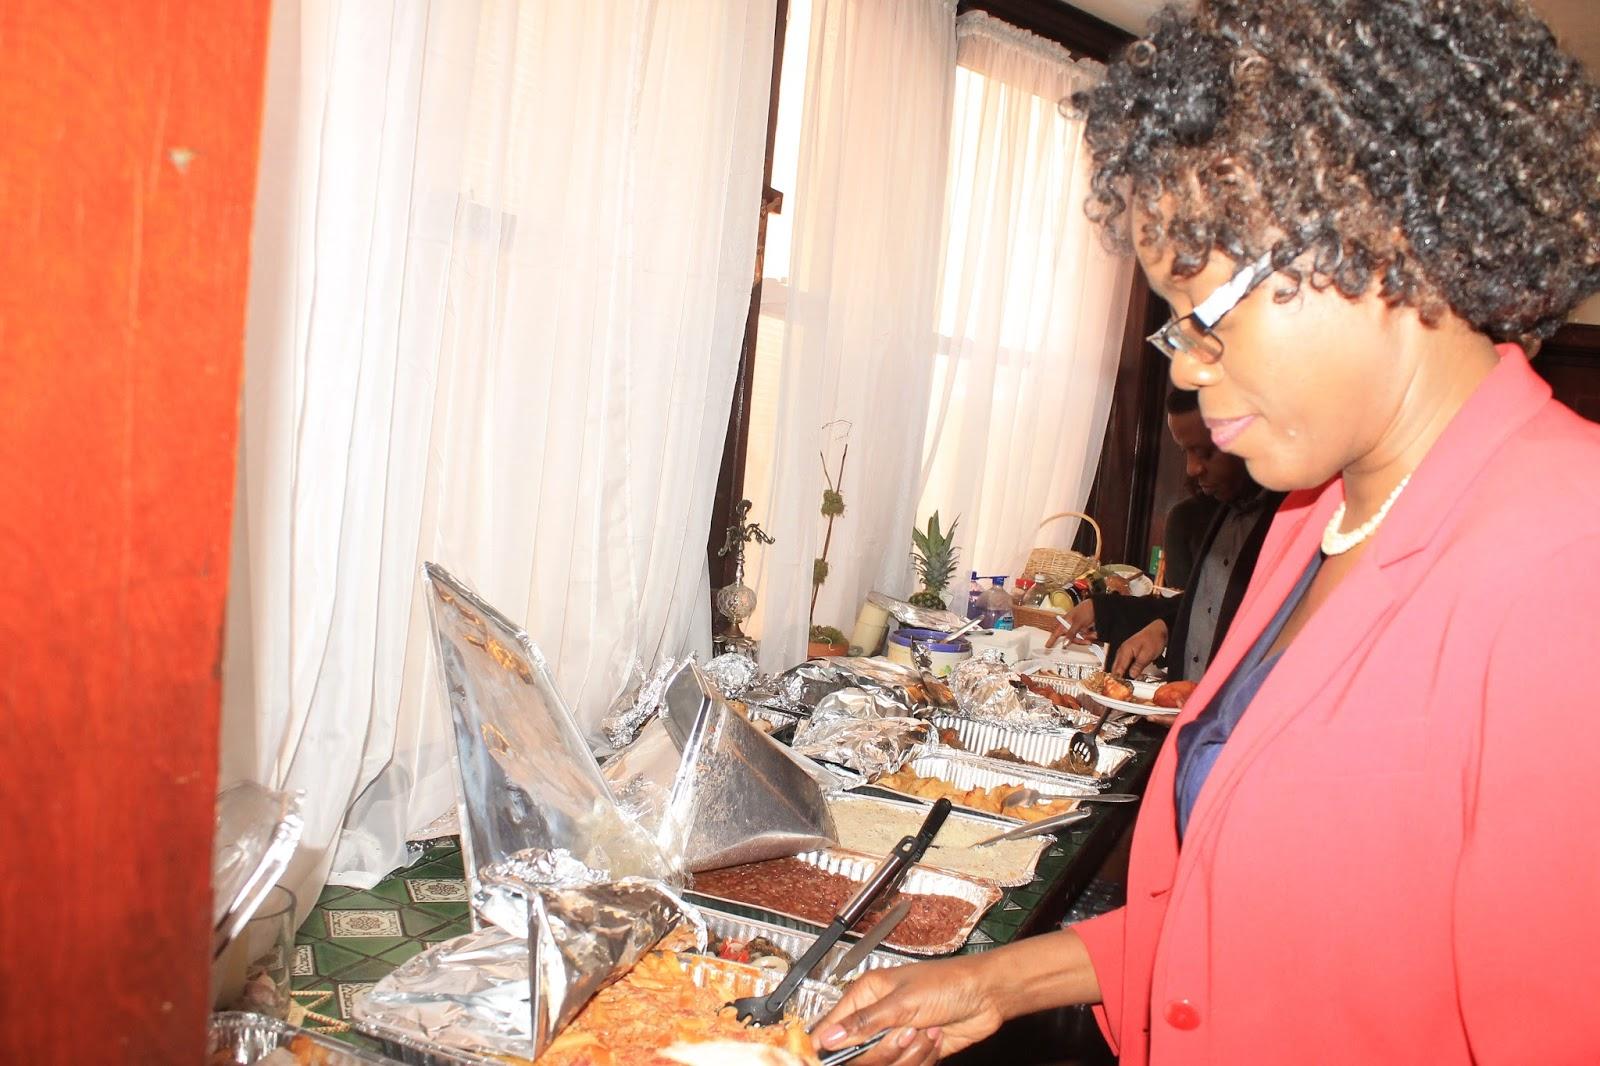 Vijimambo taswira ya sala ya pasaka new york tanzania for Sala new york